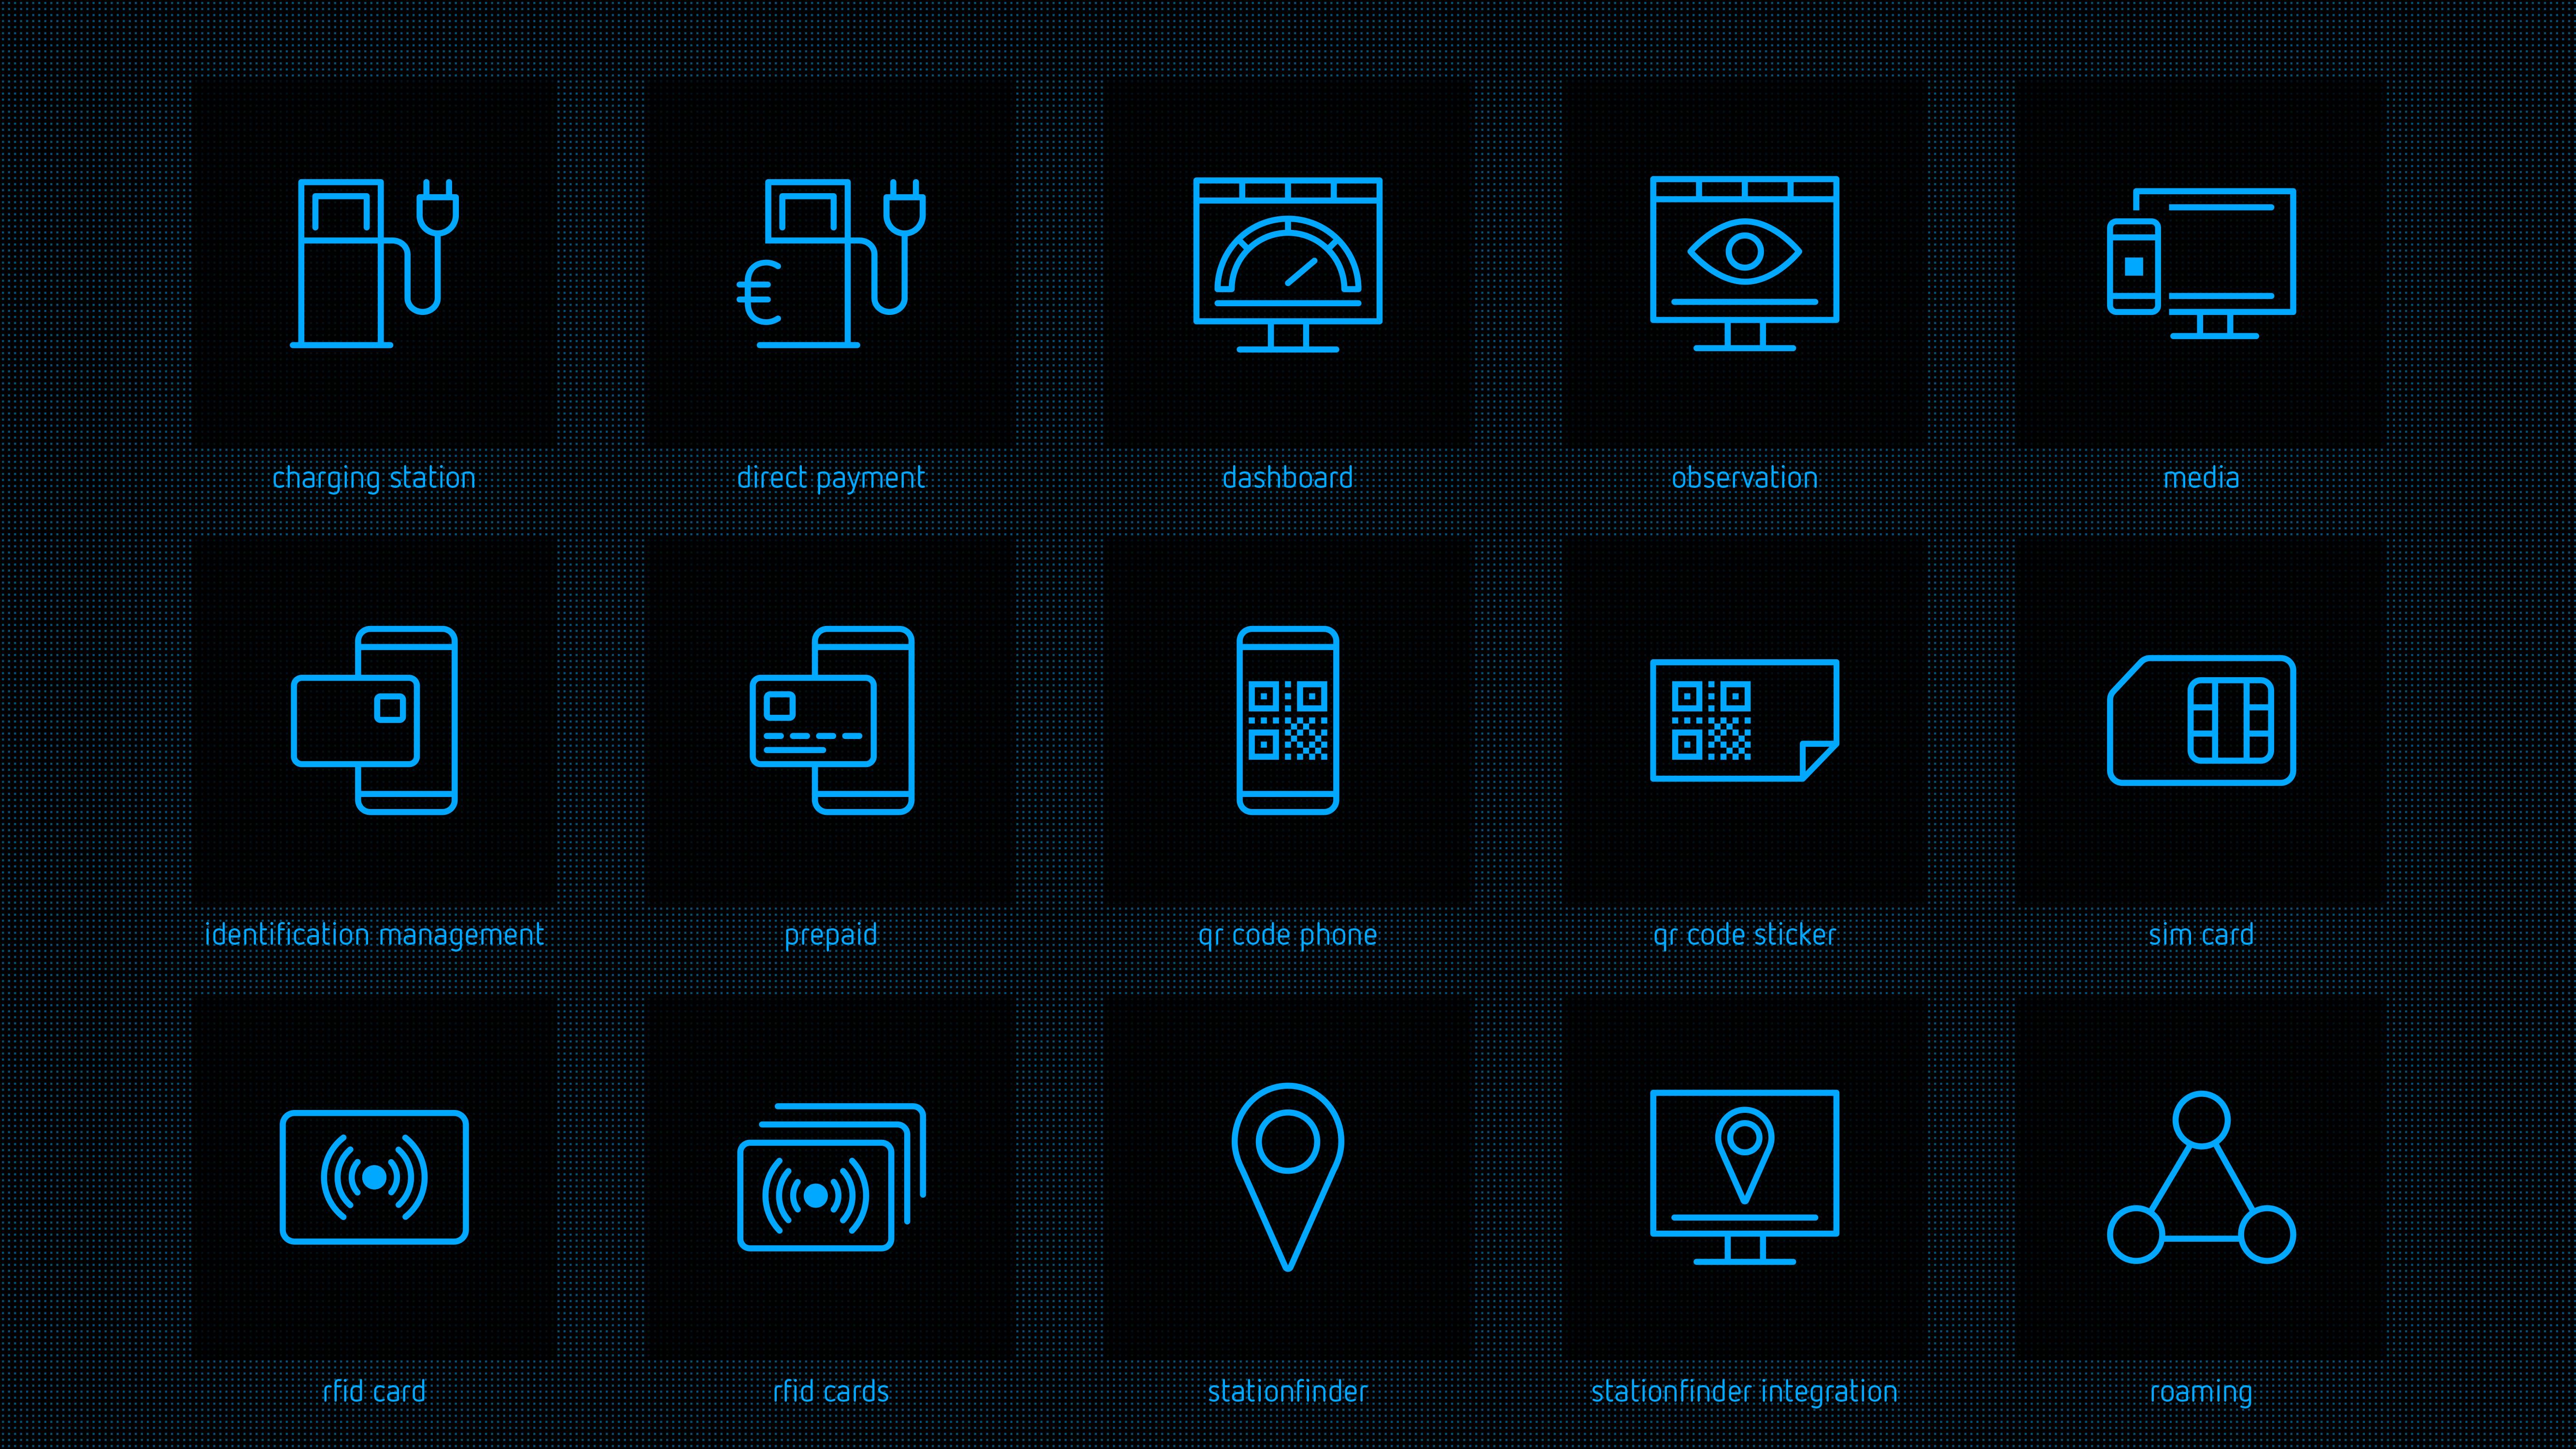 Iconset blau auf schwarz mit 13 Icons zum Thema Elektromobilität